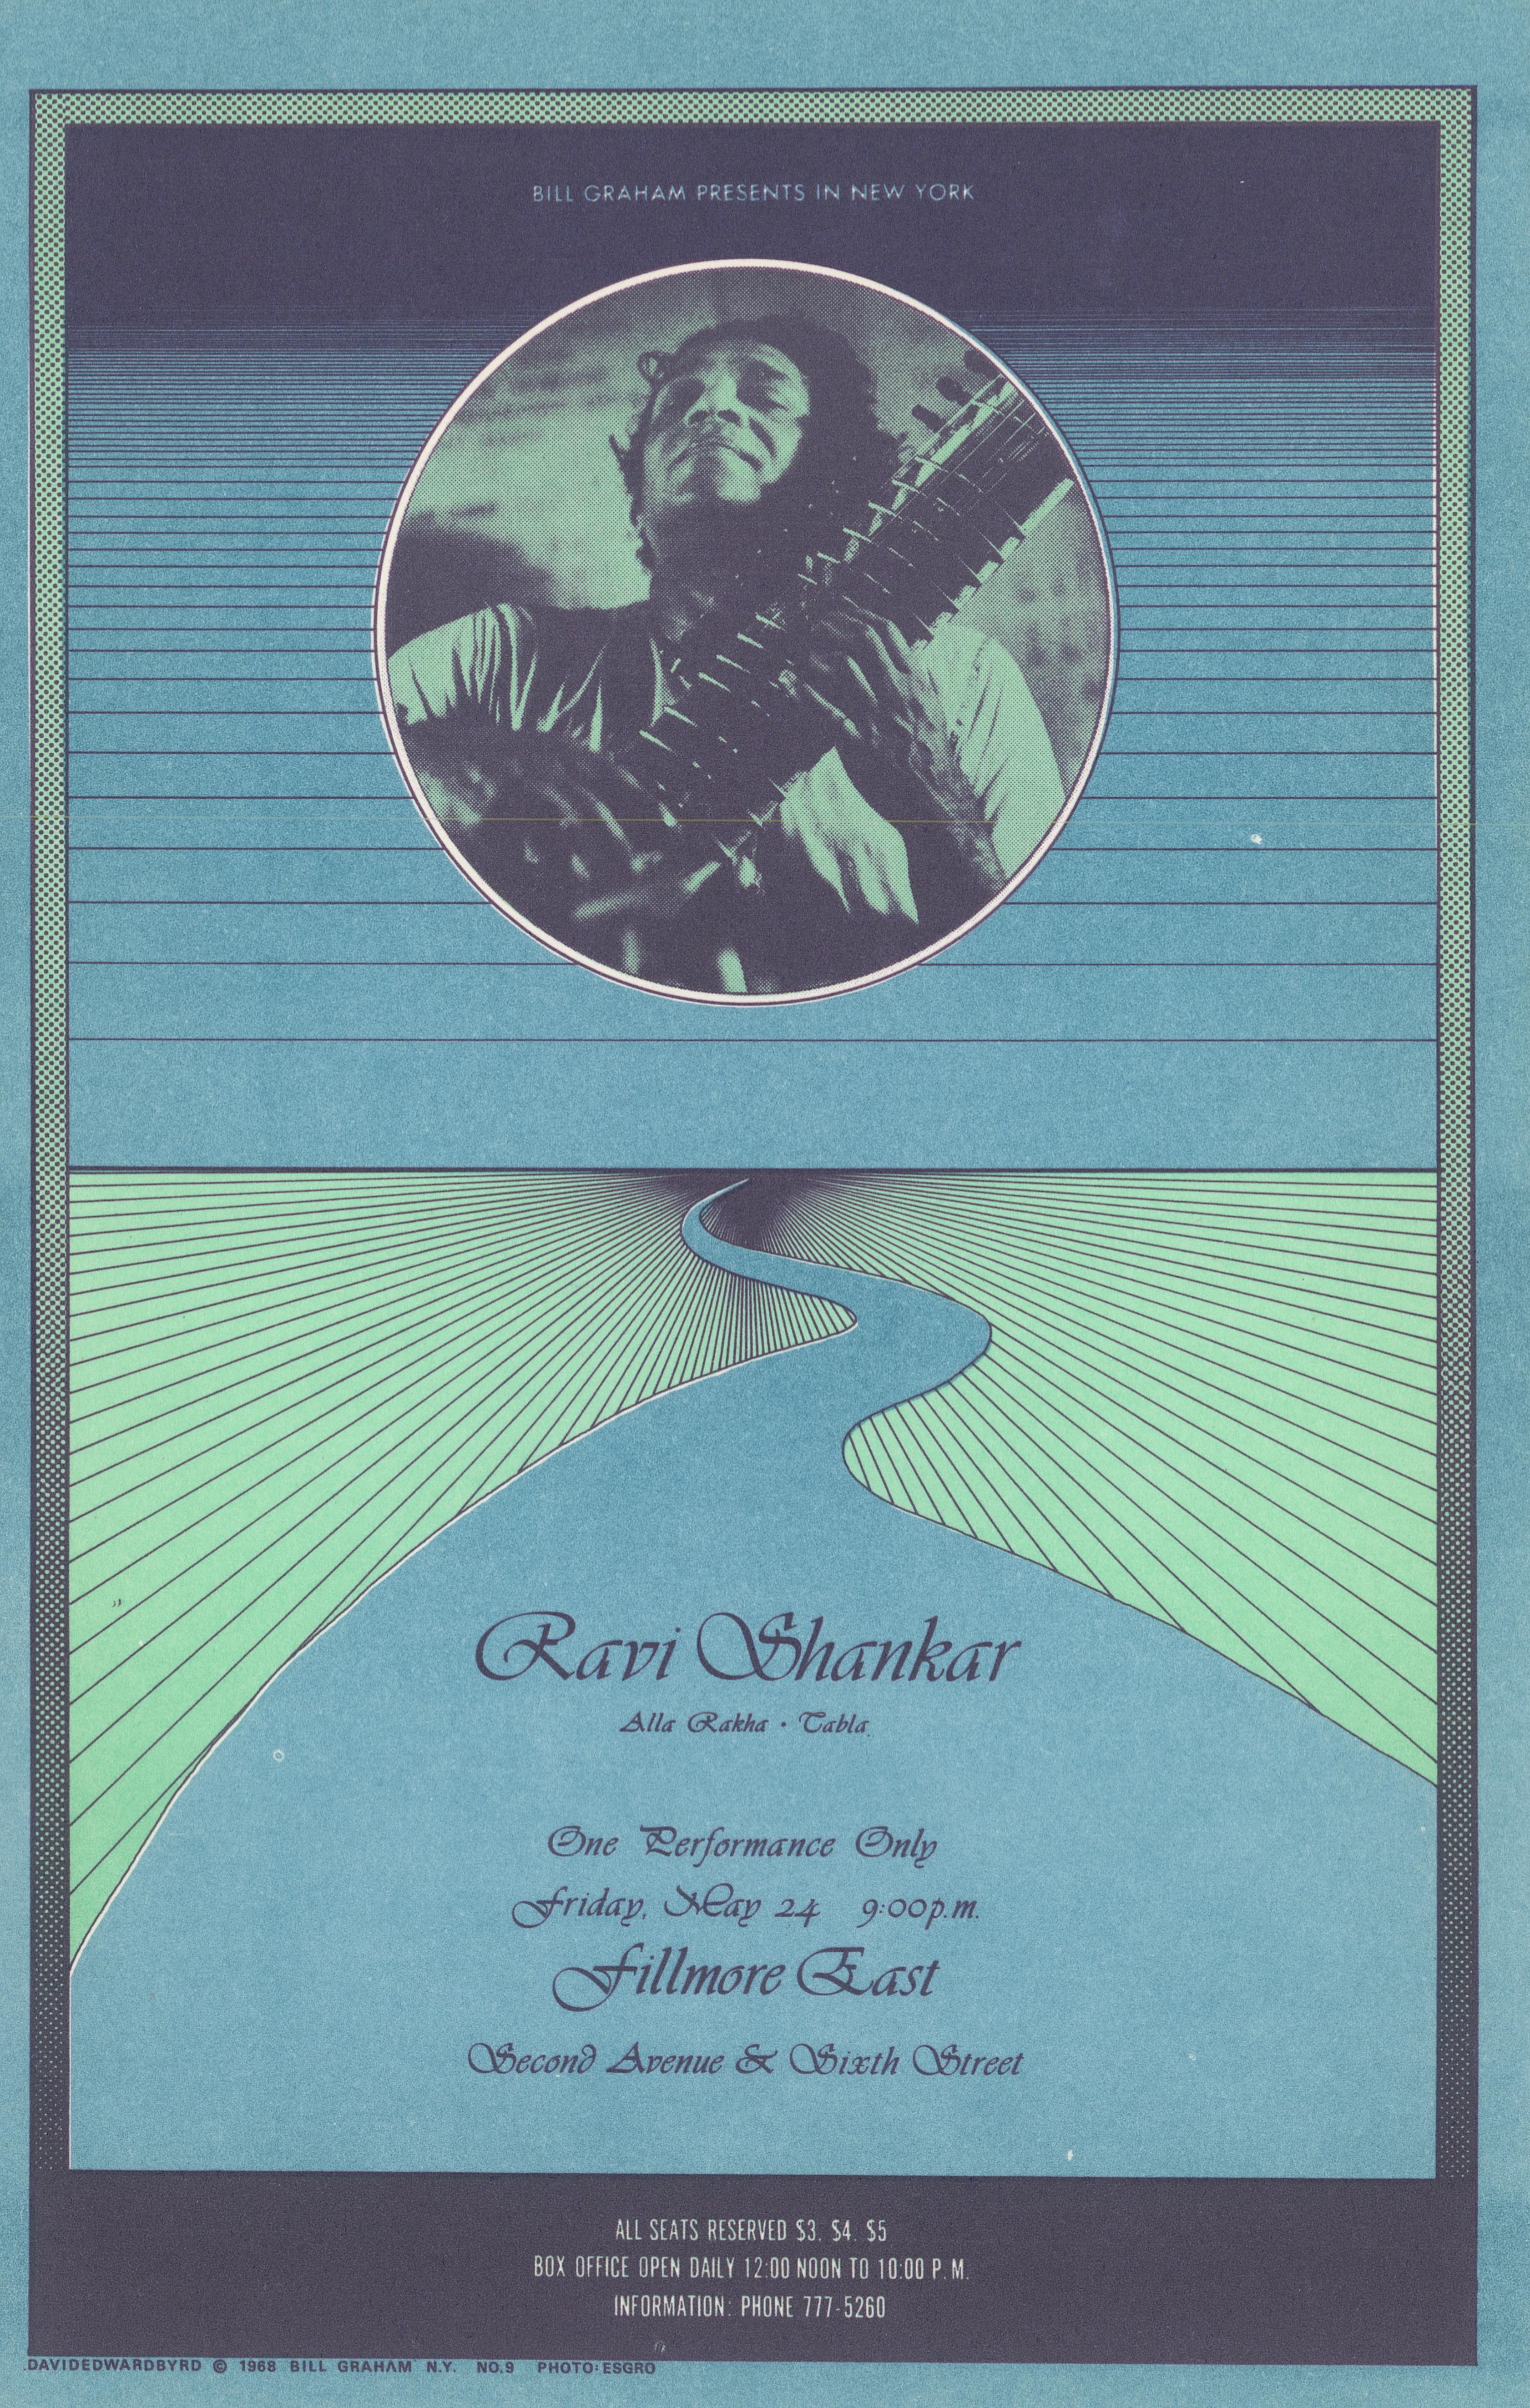 Ravi Shankar Postcard